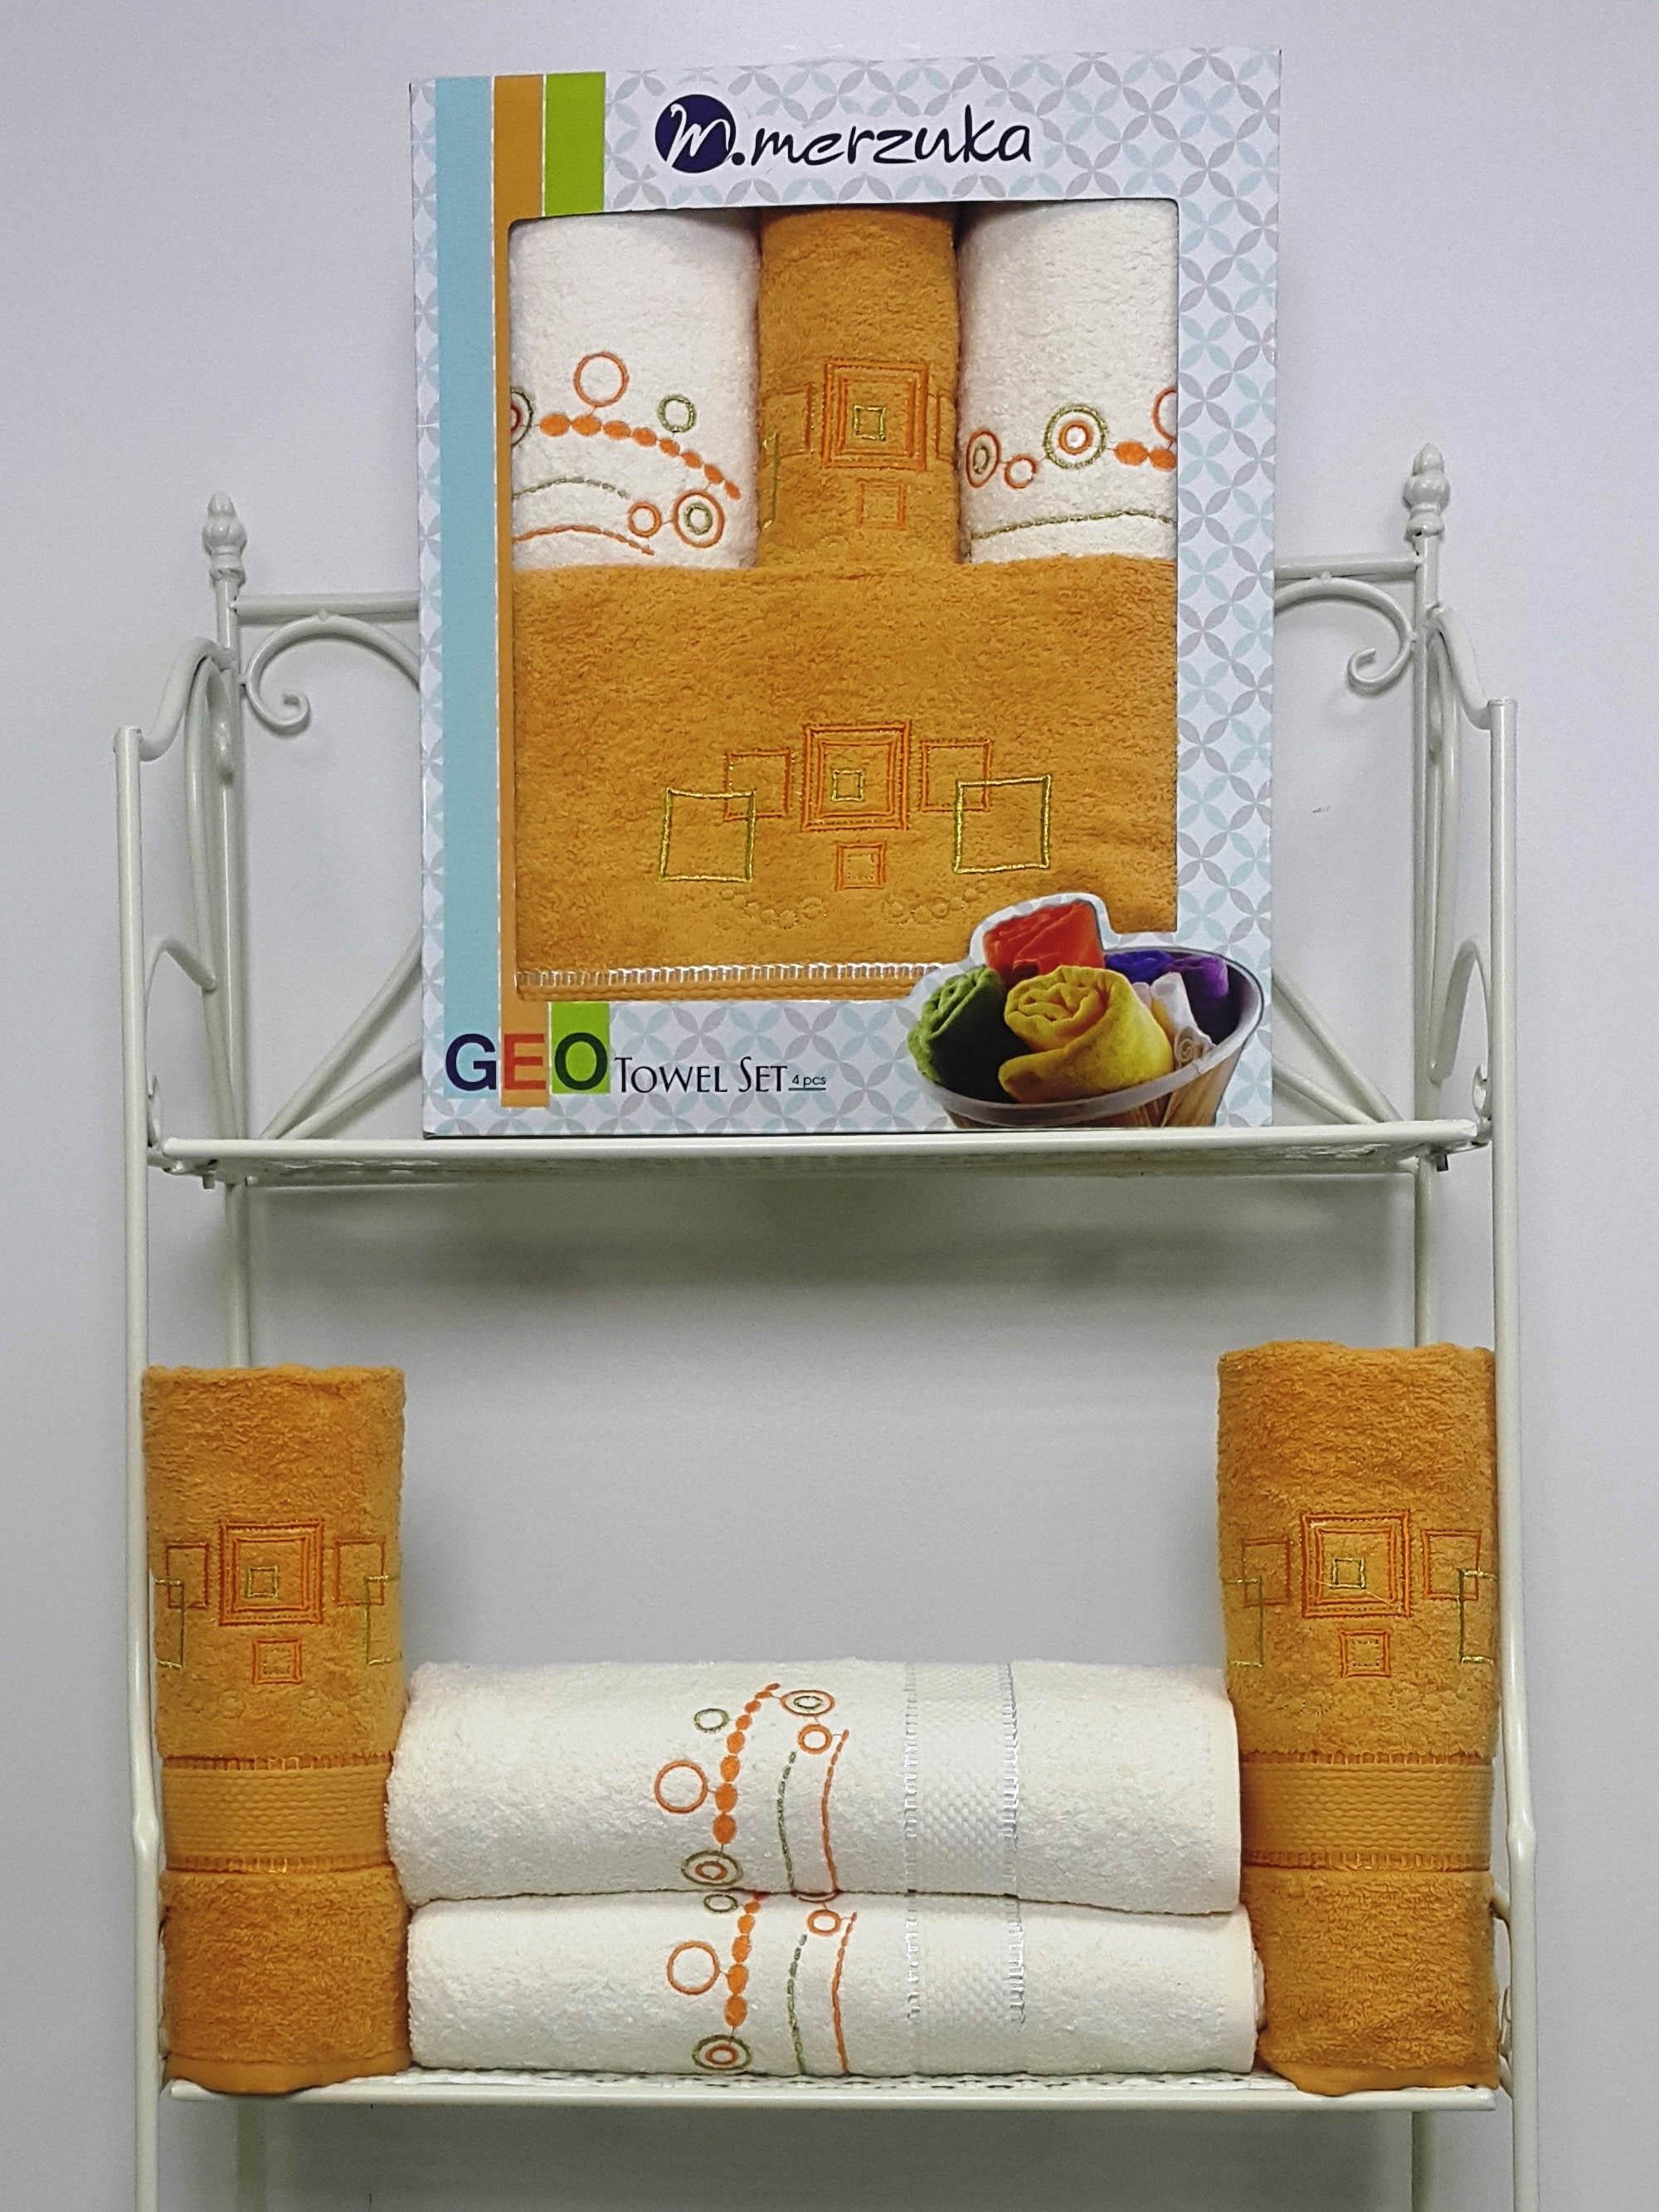 Полотенца Oran Merzuka Полотенце Geo Цвет: Горчичный (Набор) набор из 2 полотенец merzuka sakura 50х90 70х140 8430 кремовый